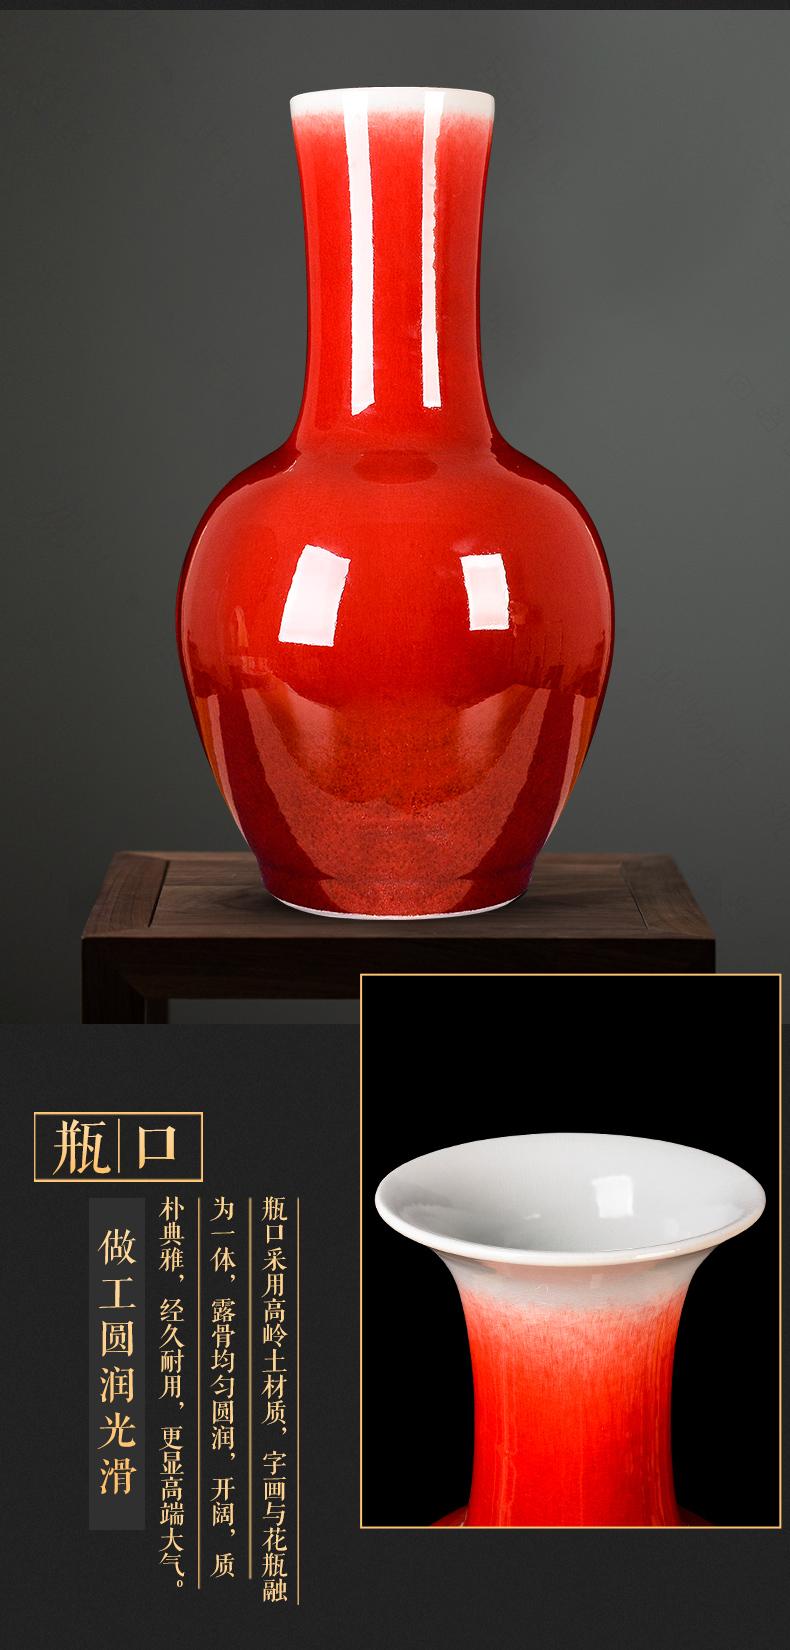 景德镇陶瓷器裂纹郎红釉开片落地大花瓶客厅摆件酒店装饰开业礼品